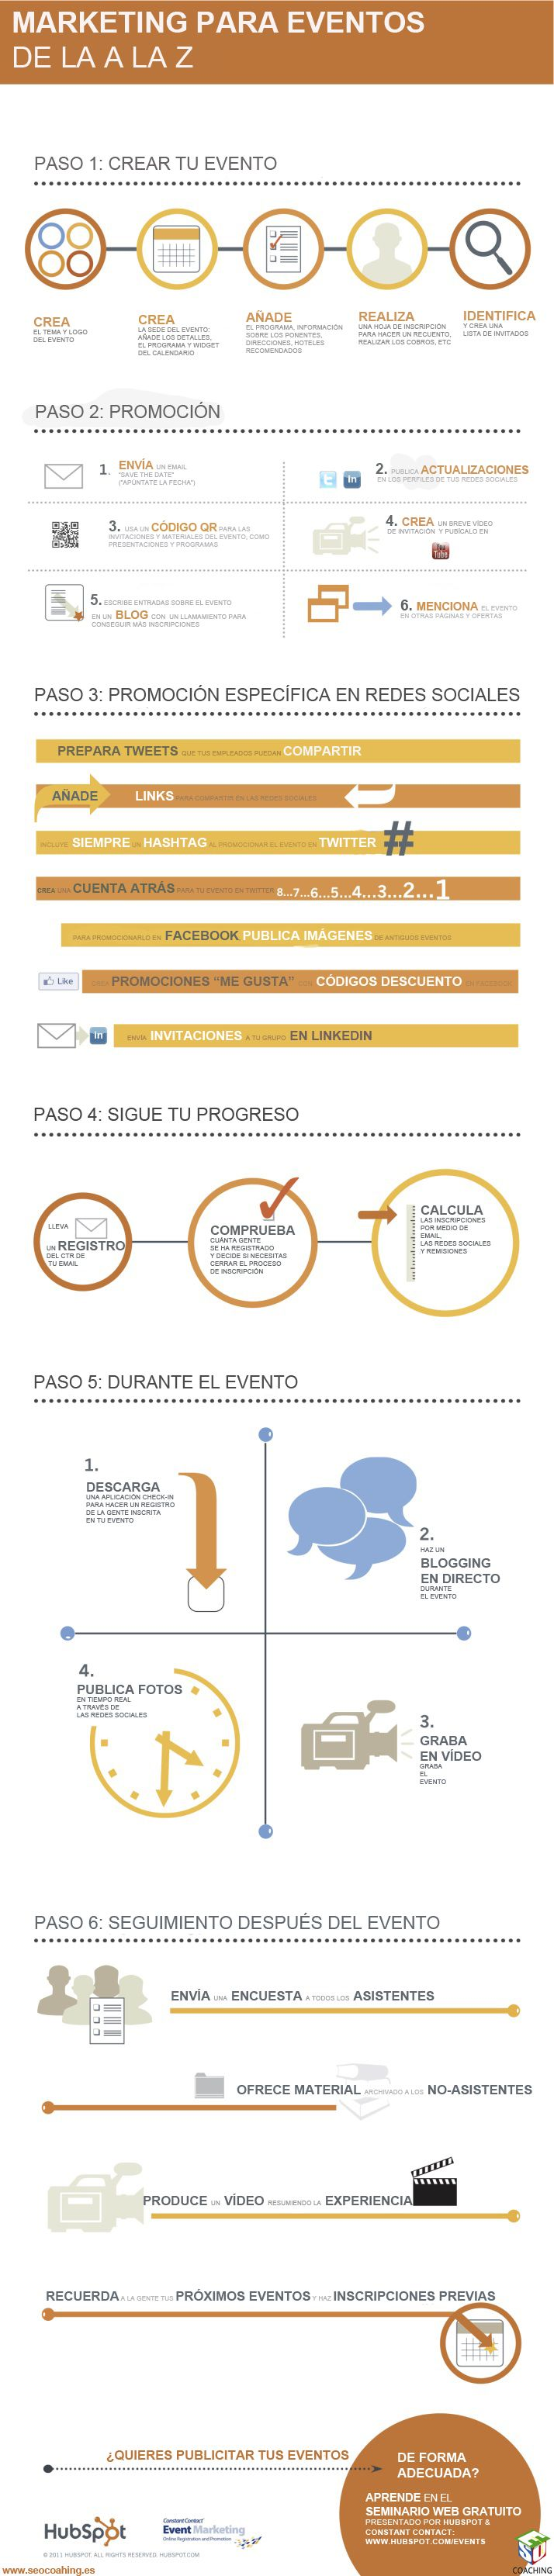 Marketing para eventos de la A a la Z Por:  @SeoCoaching360 #infografia #infographic #marketing